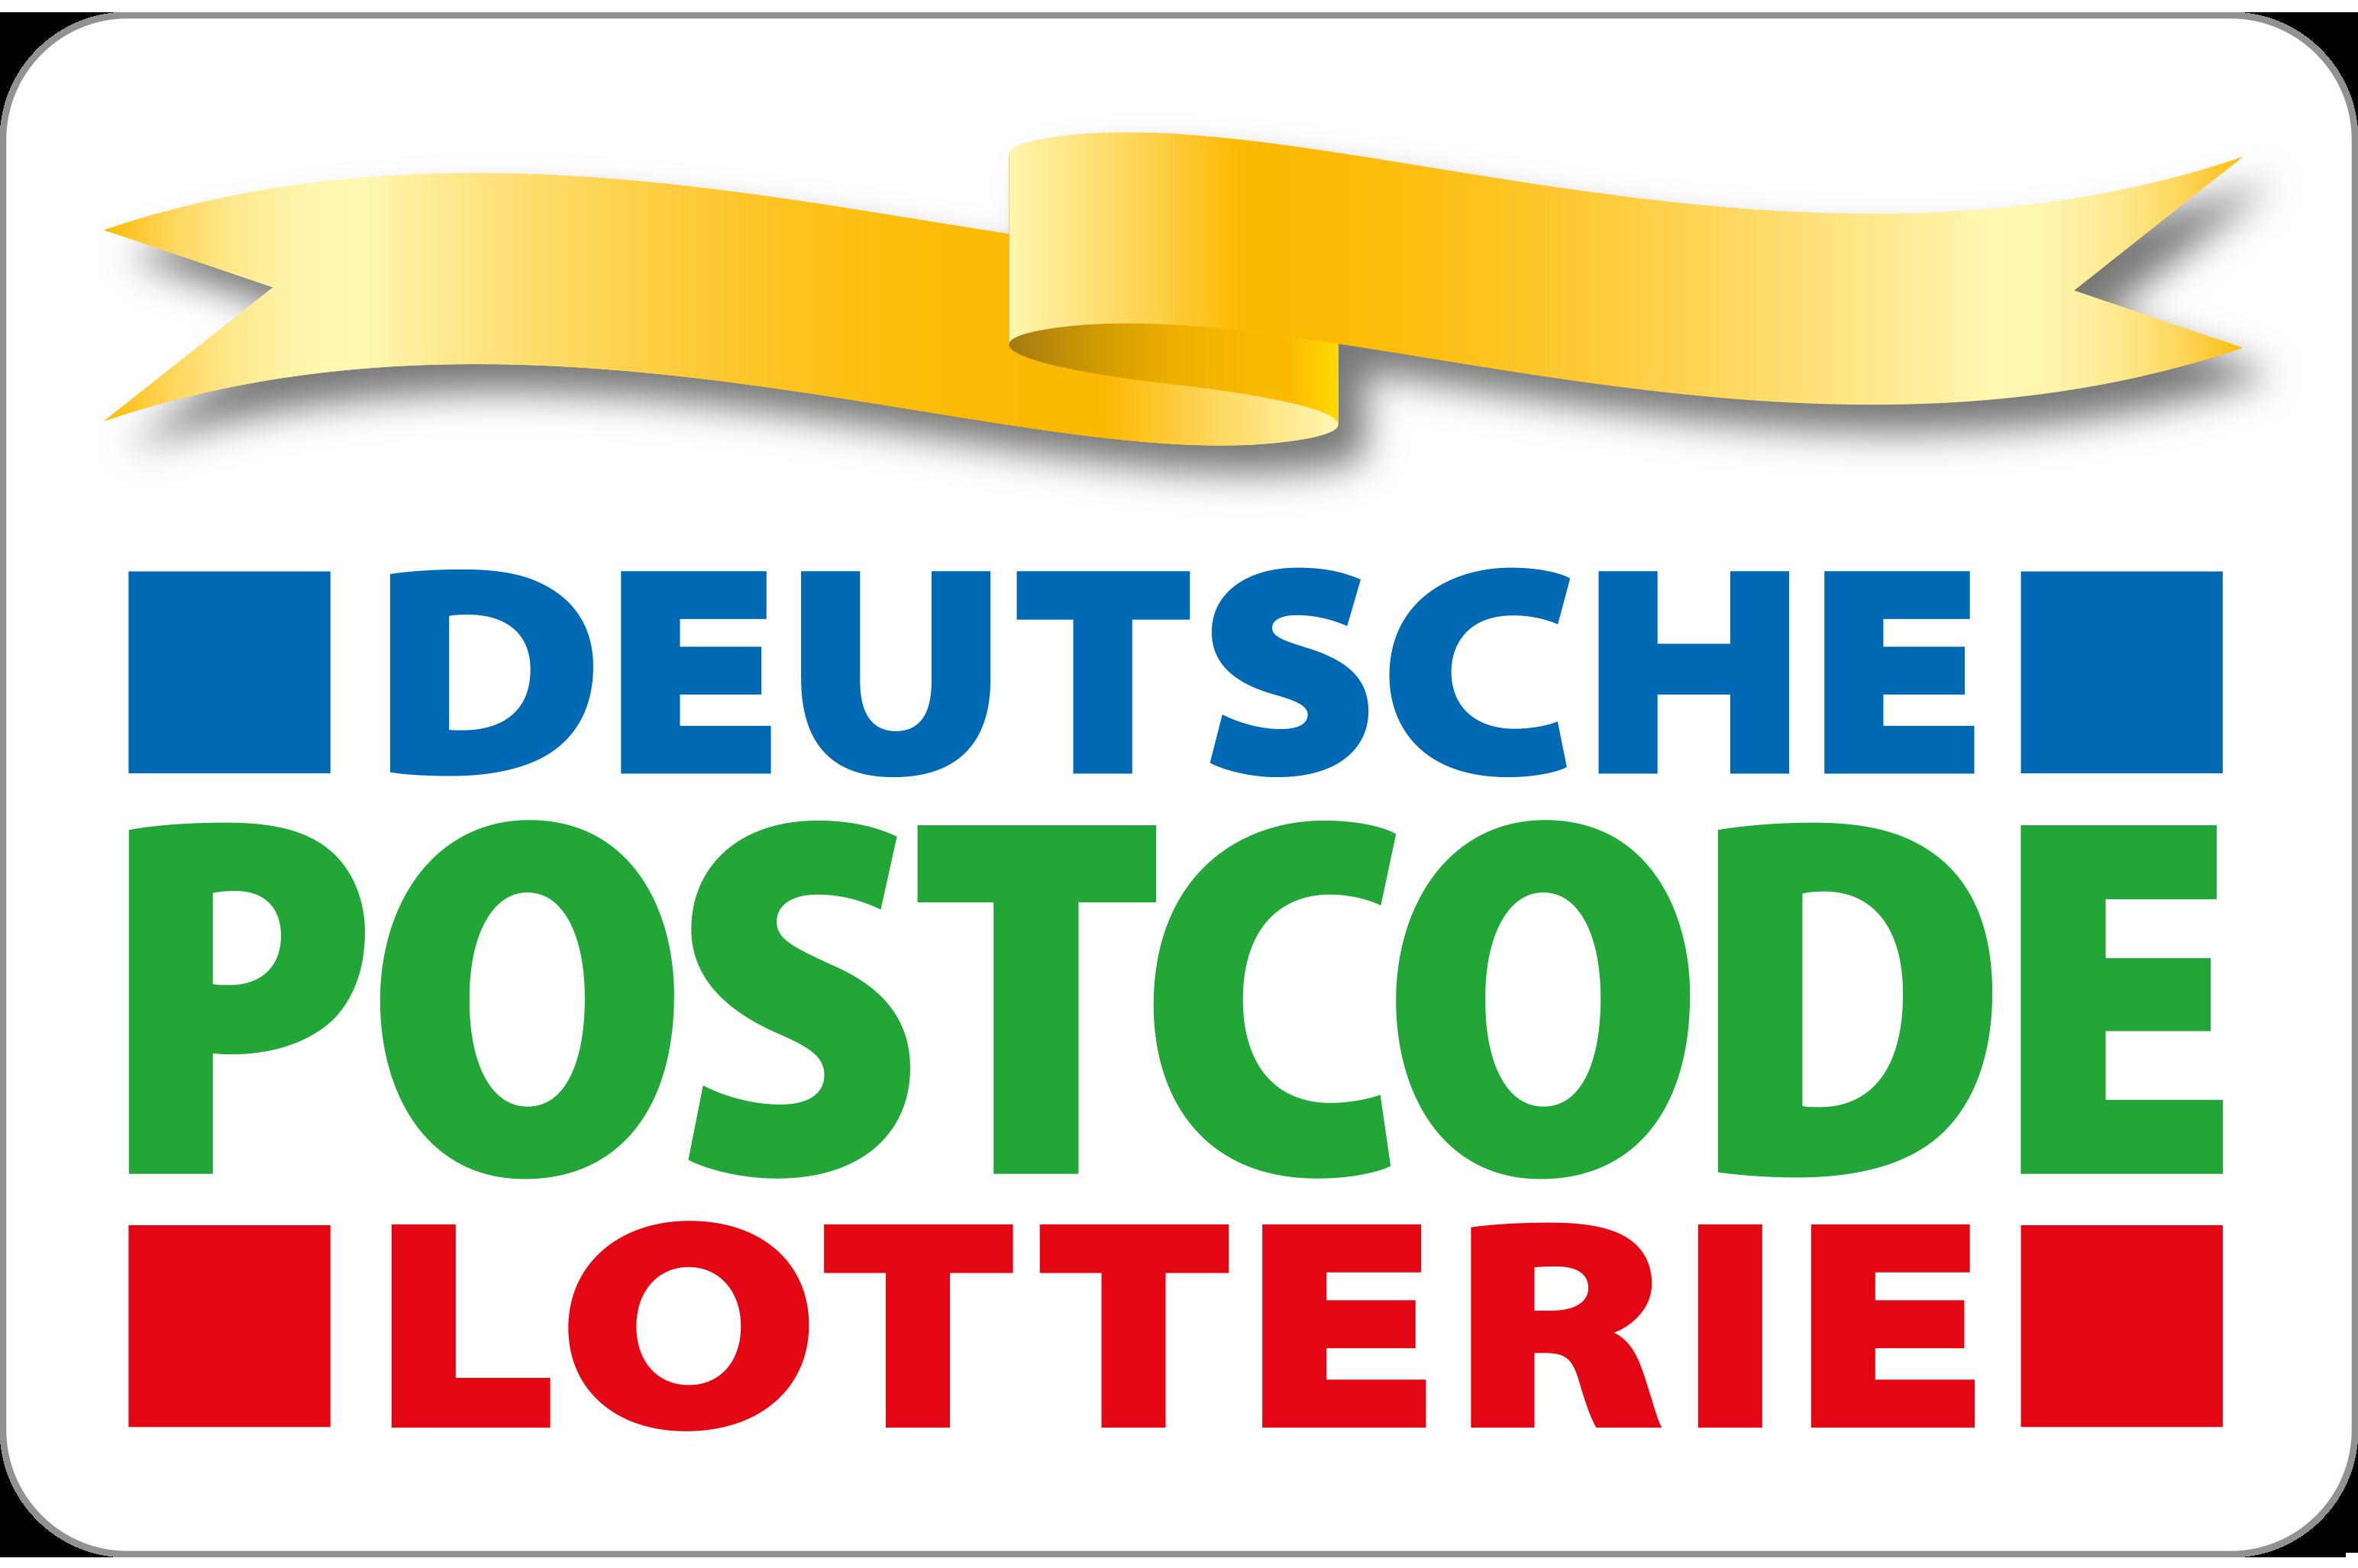 deutschepostcodelotterie_logo_alle_medien.png